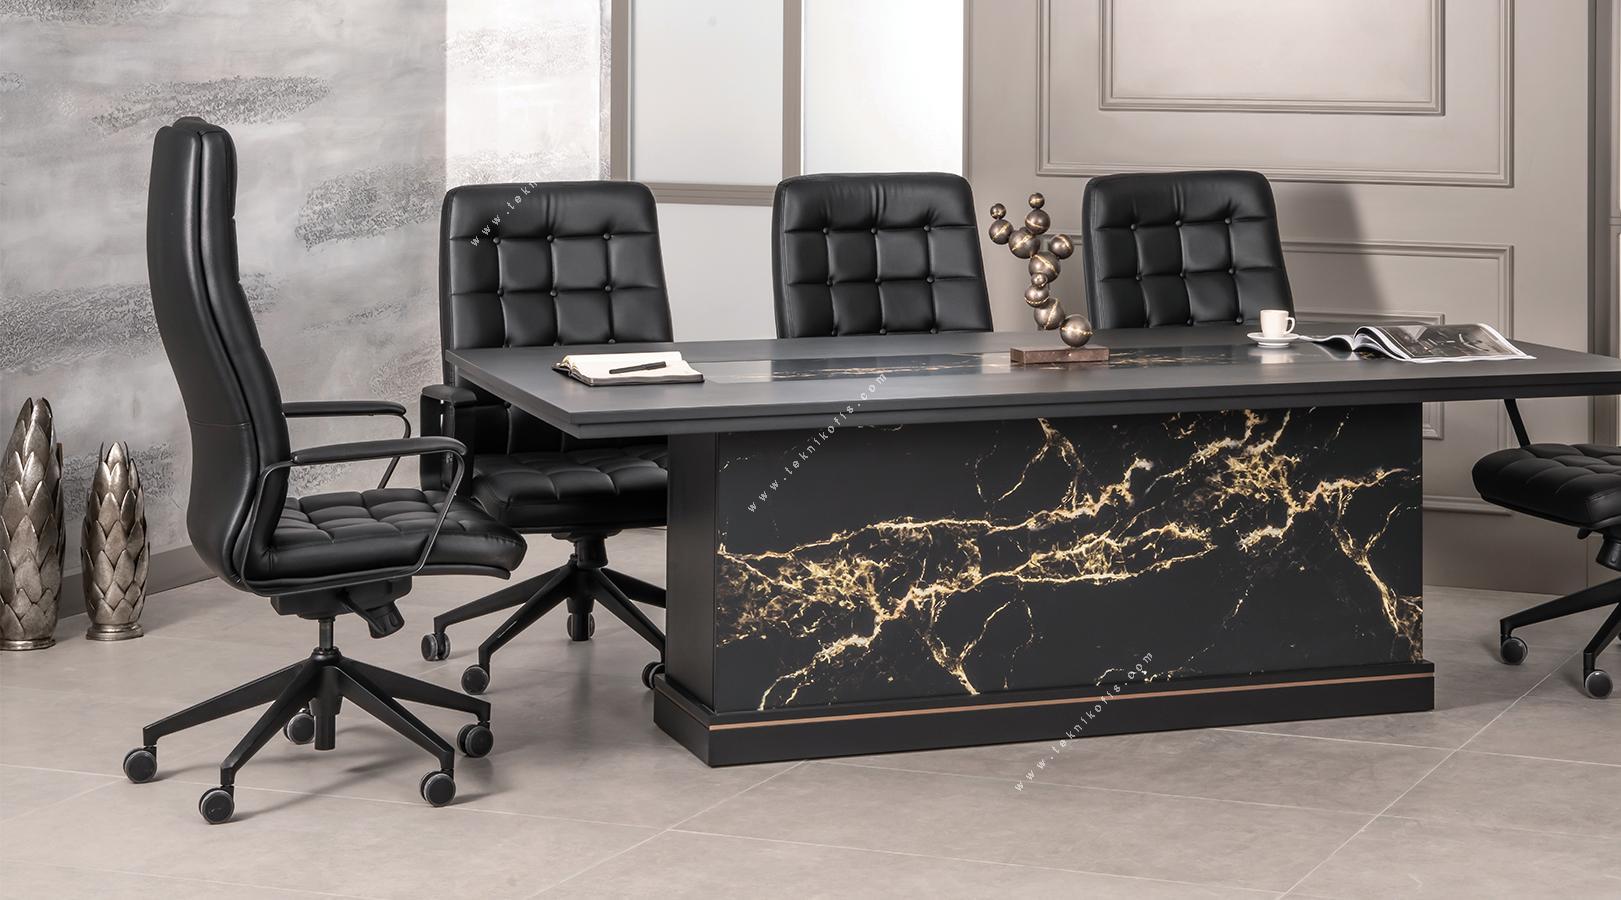 marwel toplantı masası 240cm